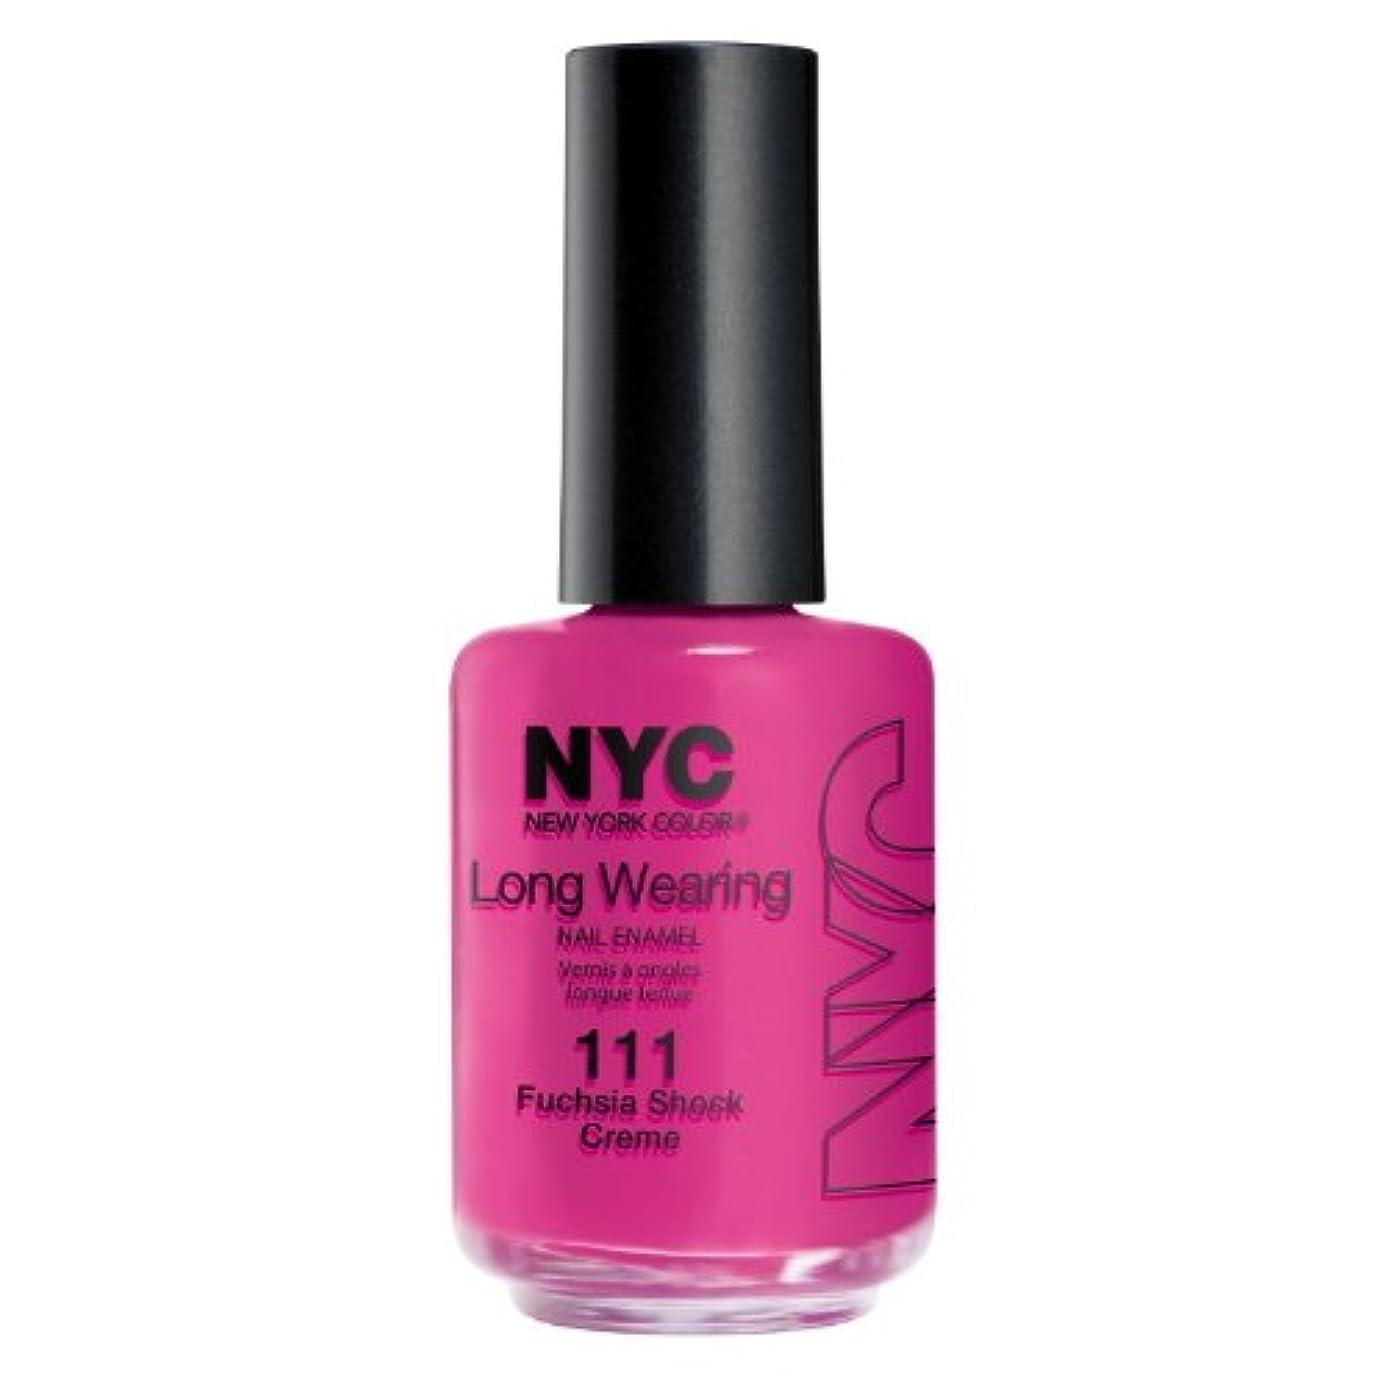 ジェムリビングルームに頼る(6 Pack) NYC Long Wearing Nail Enamel - Fuchisia Shock Creme (並行輸入品)